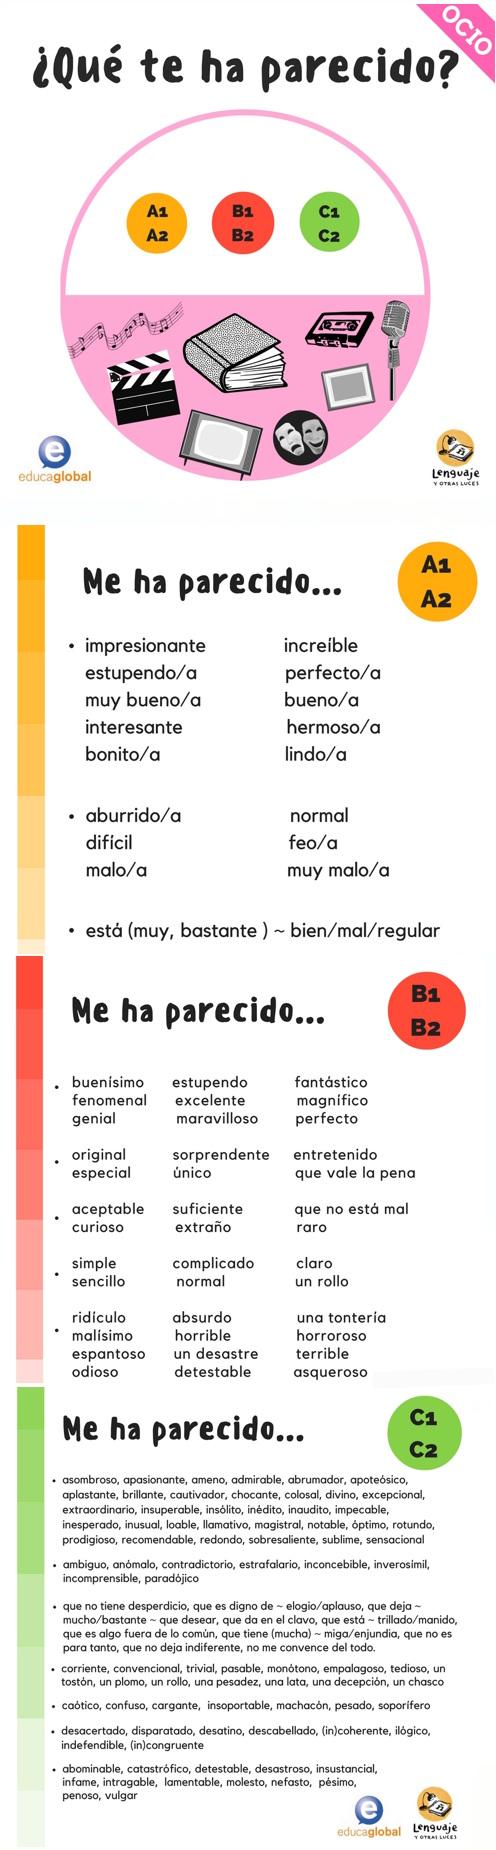 enriquece_tu_vocabulario.jpg